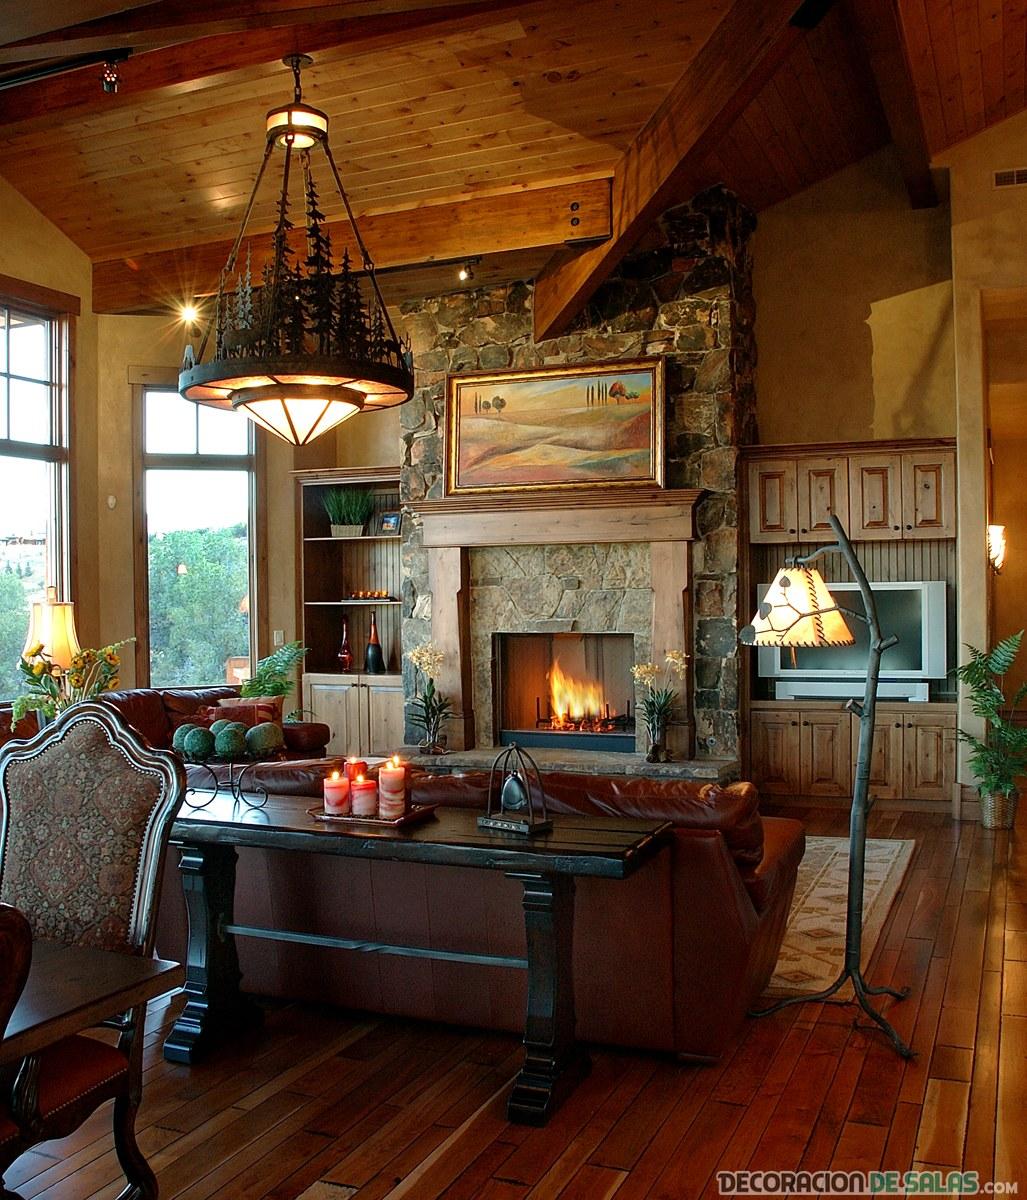 Rustic Open Kitchen Plans: Salas Rústicas Con Todo Lujo De Detalles